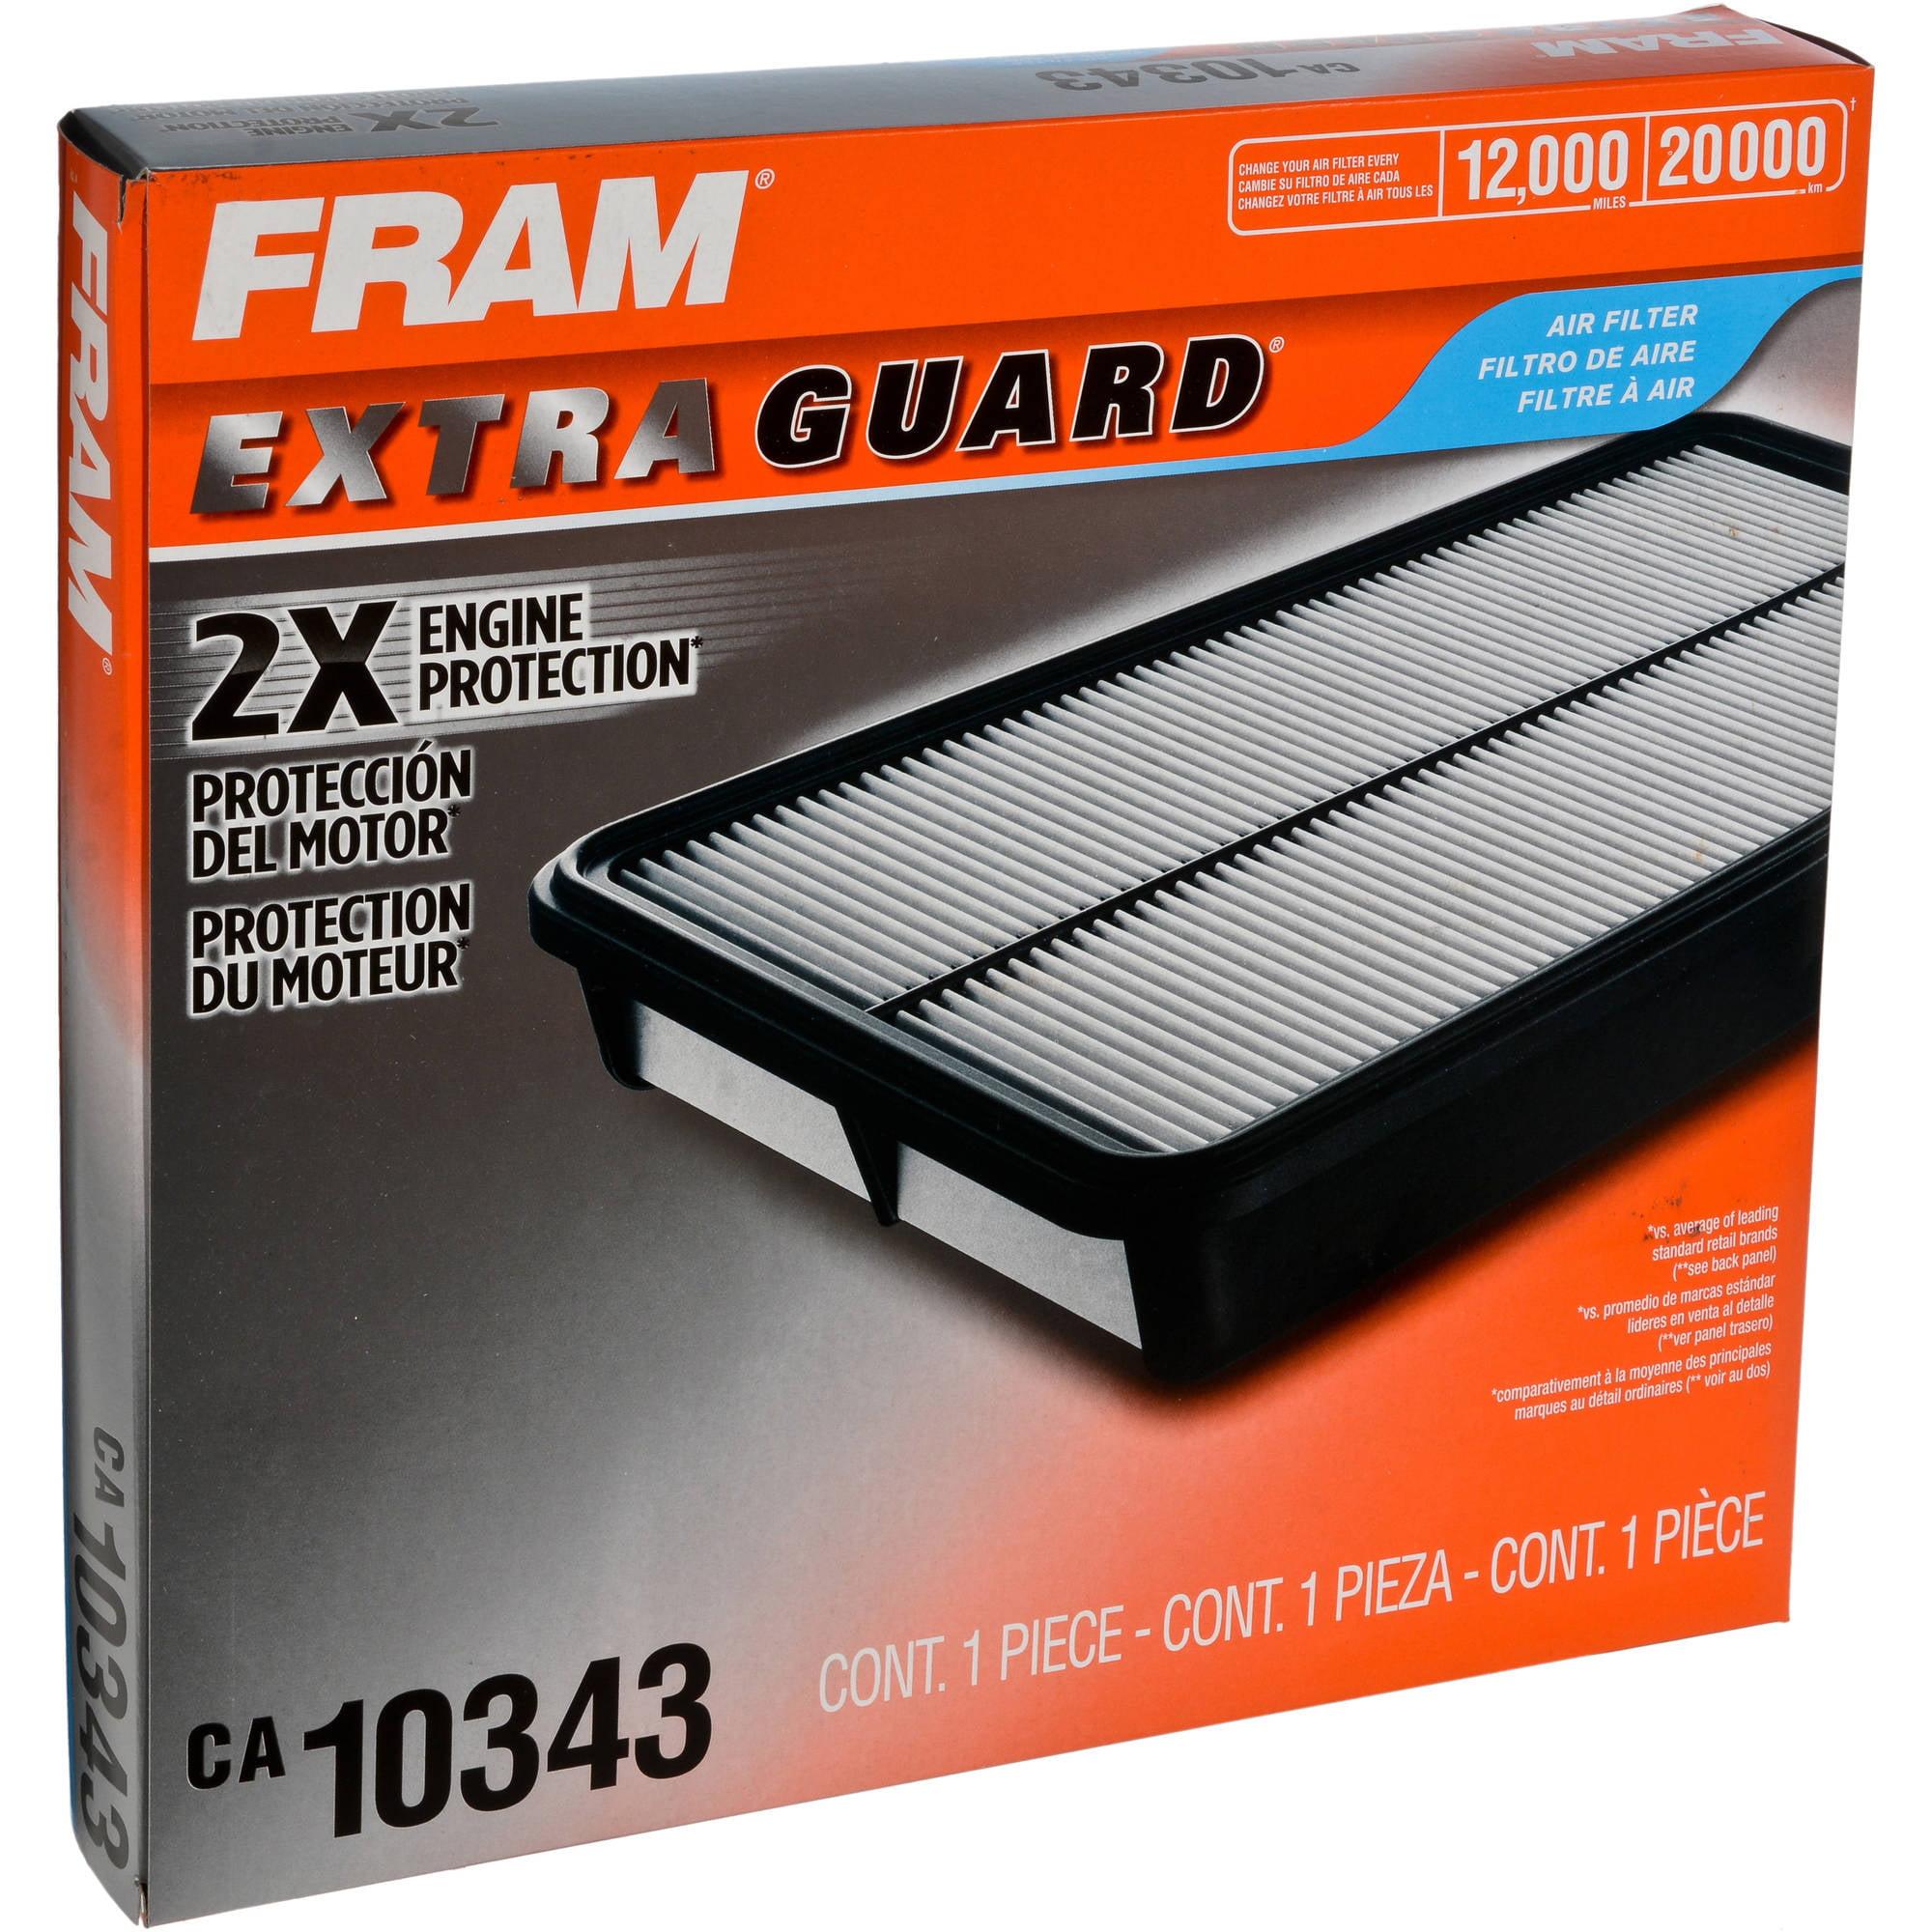 FRAM Extra Guard Air Filter, CA10343